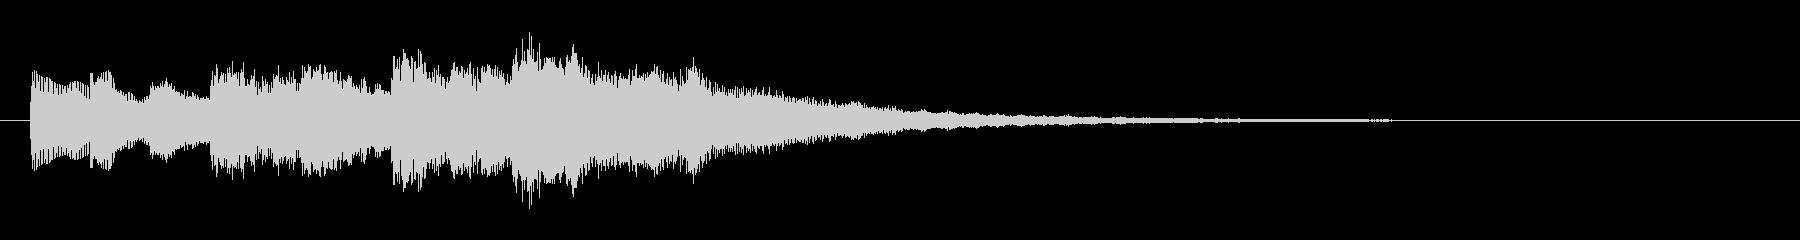 優しくきらびやかなサウンドロゴの未再生の波形